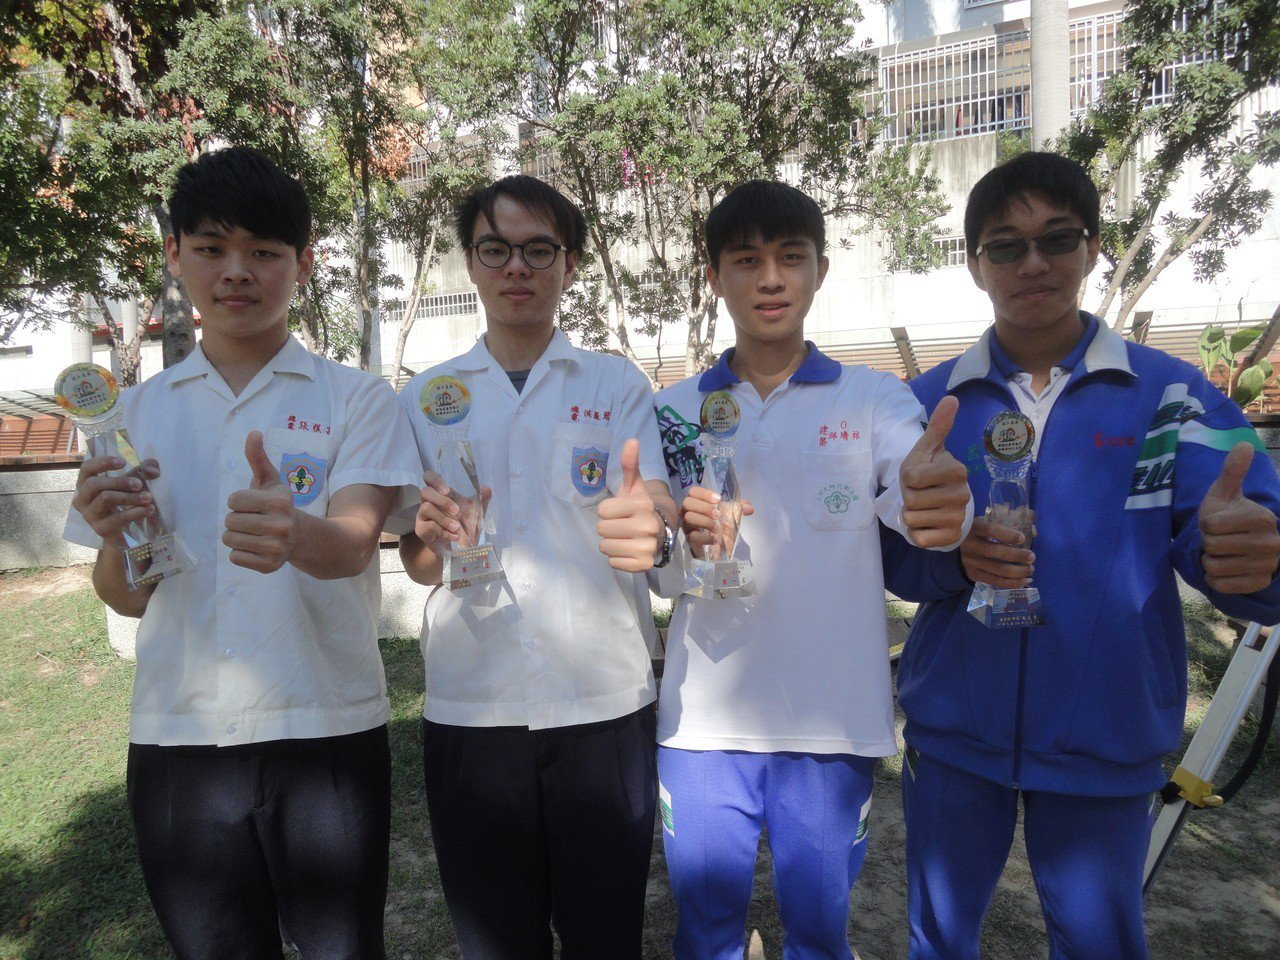 彰師附工(左起)機電科學生張祺富、洪晨恩得到機電整合職類金手獎第一名,建築科學生...